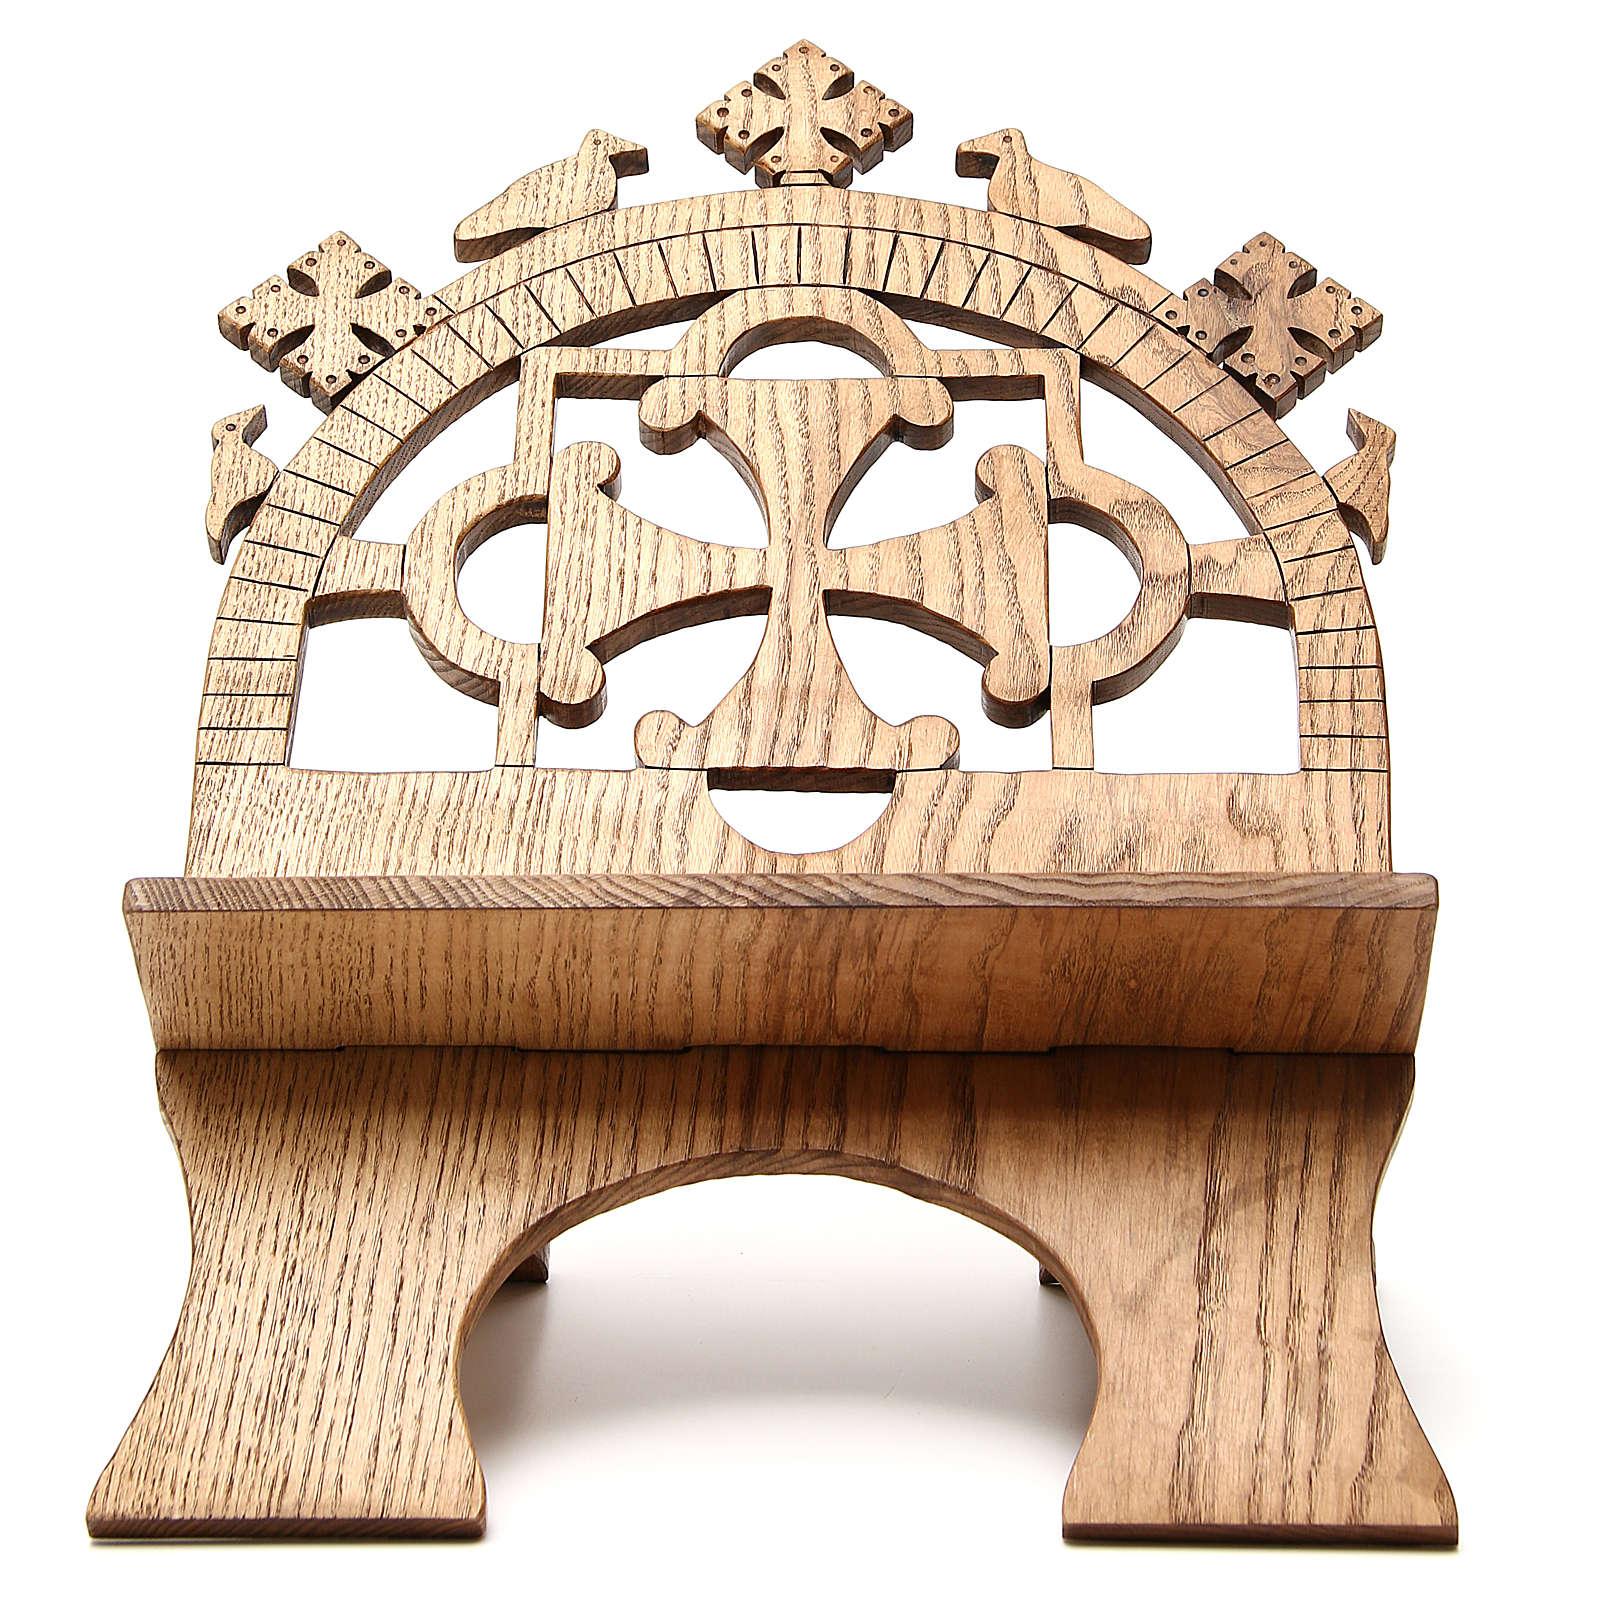 Leggio tavolo frassino scolpito Monaci Betlemme 4